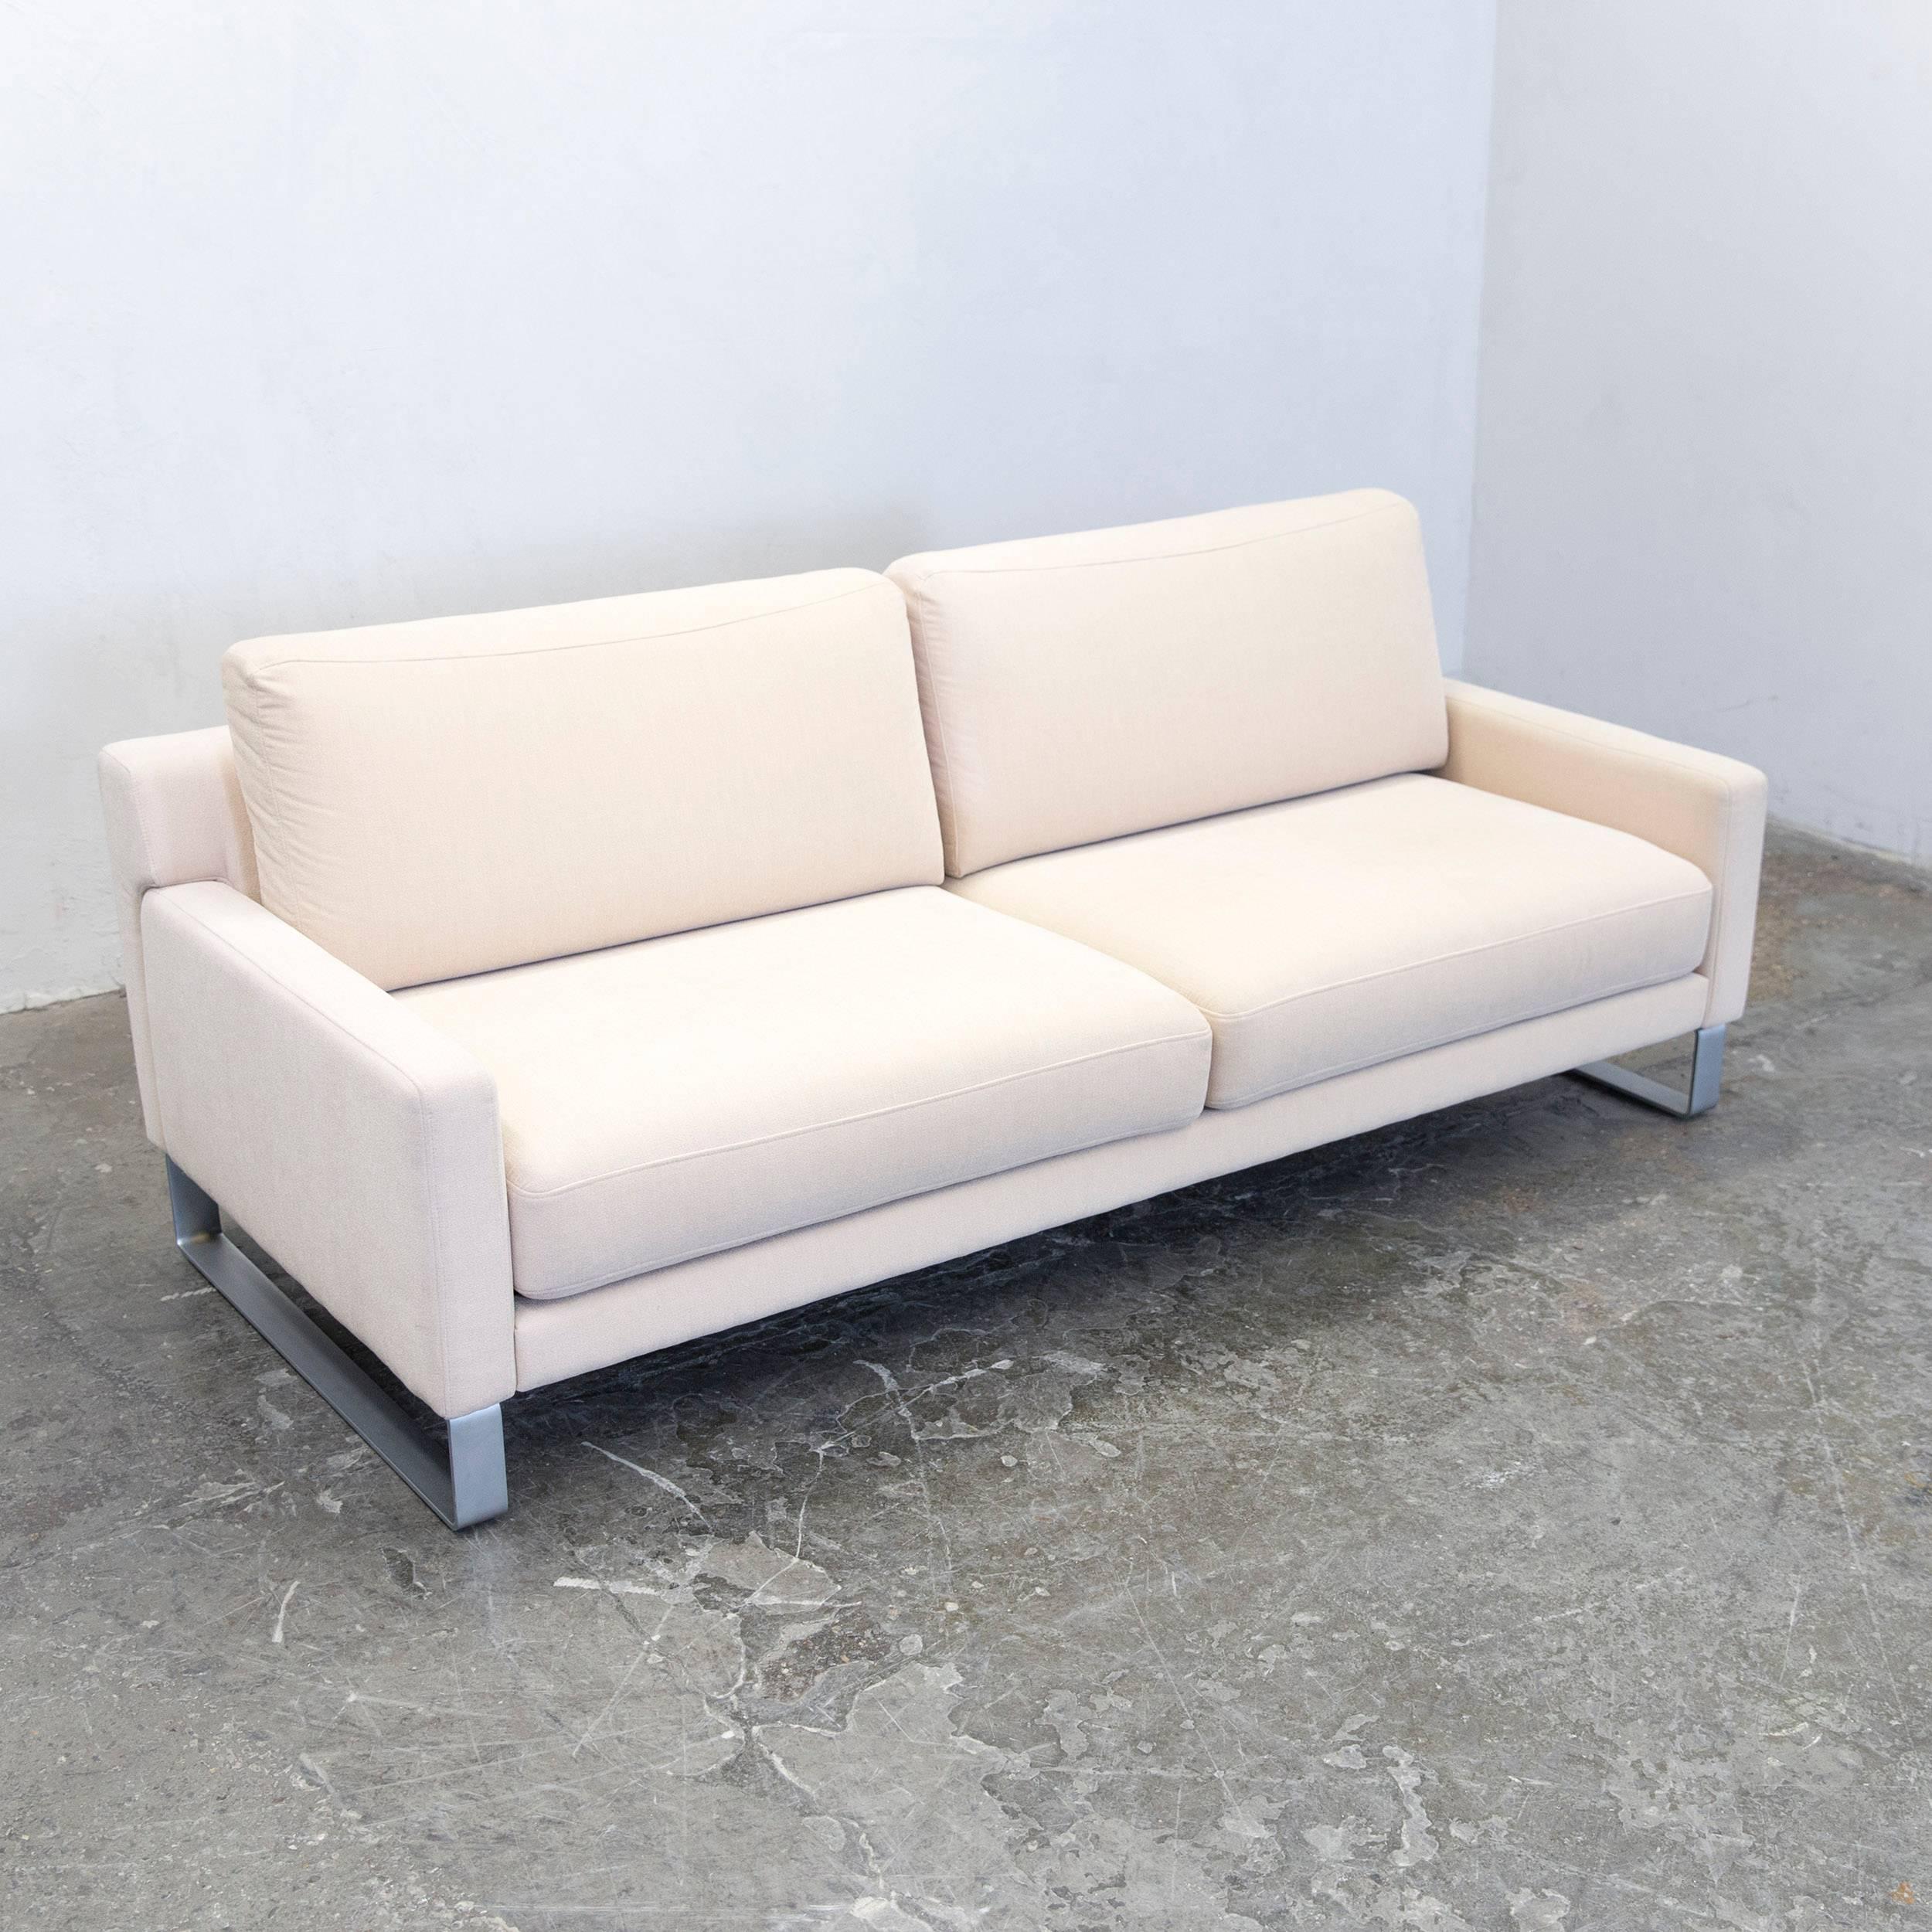 Bemerkenswert Benz Couch Foto Von Rolf Ego Designer Sofa Fabric Beige Three-seat